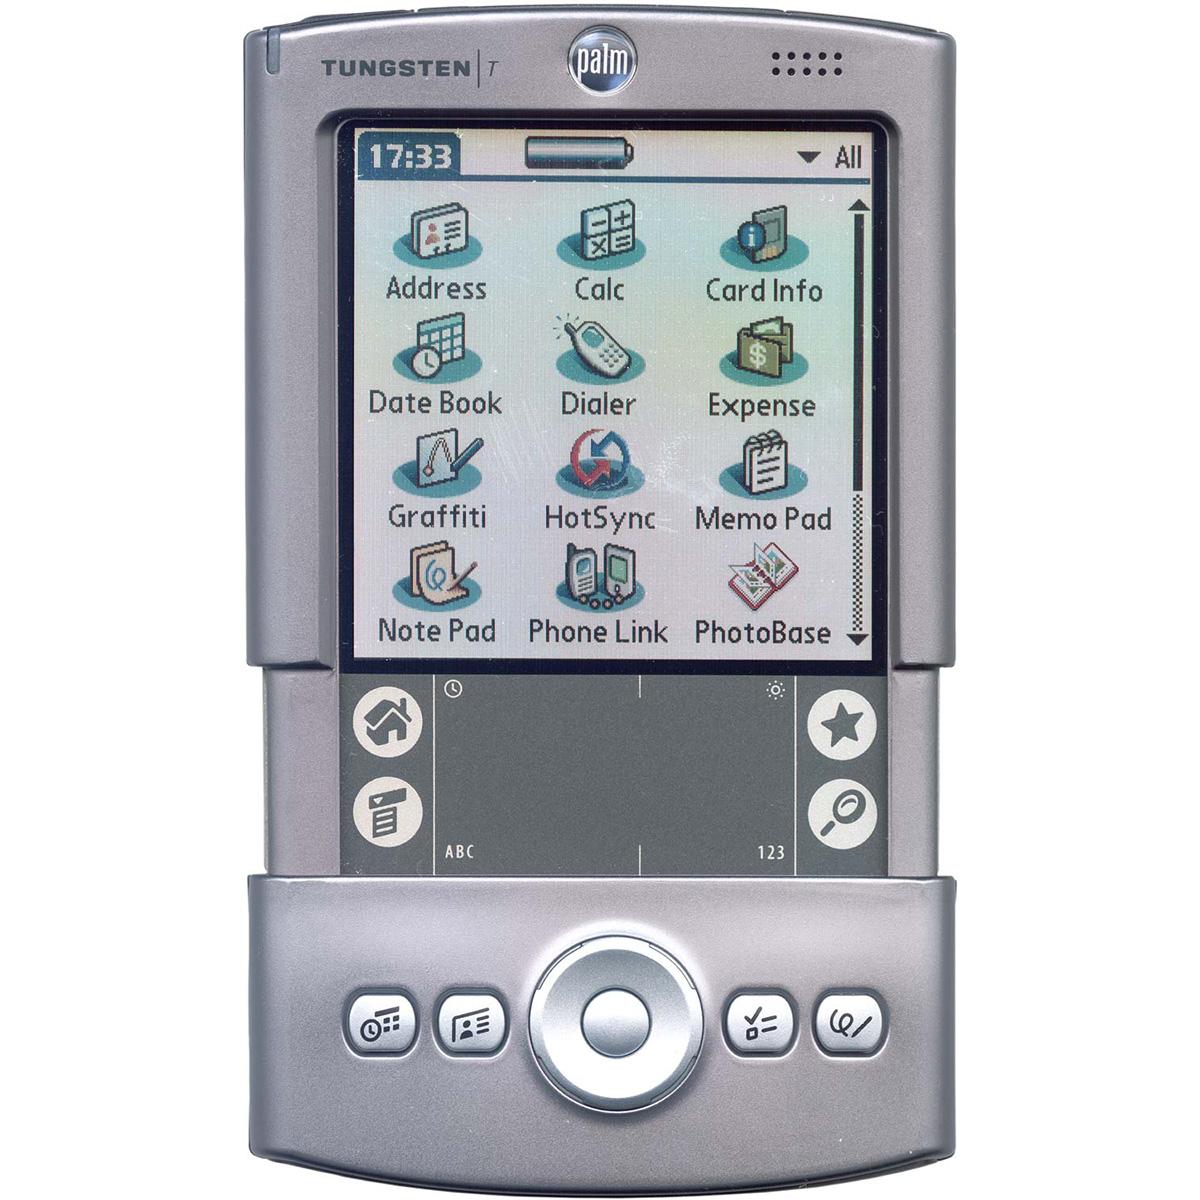 28 октября в истории: первый британский спутник, Apple MessagePad 2000 и Palm Tungsten T